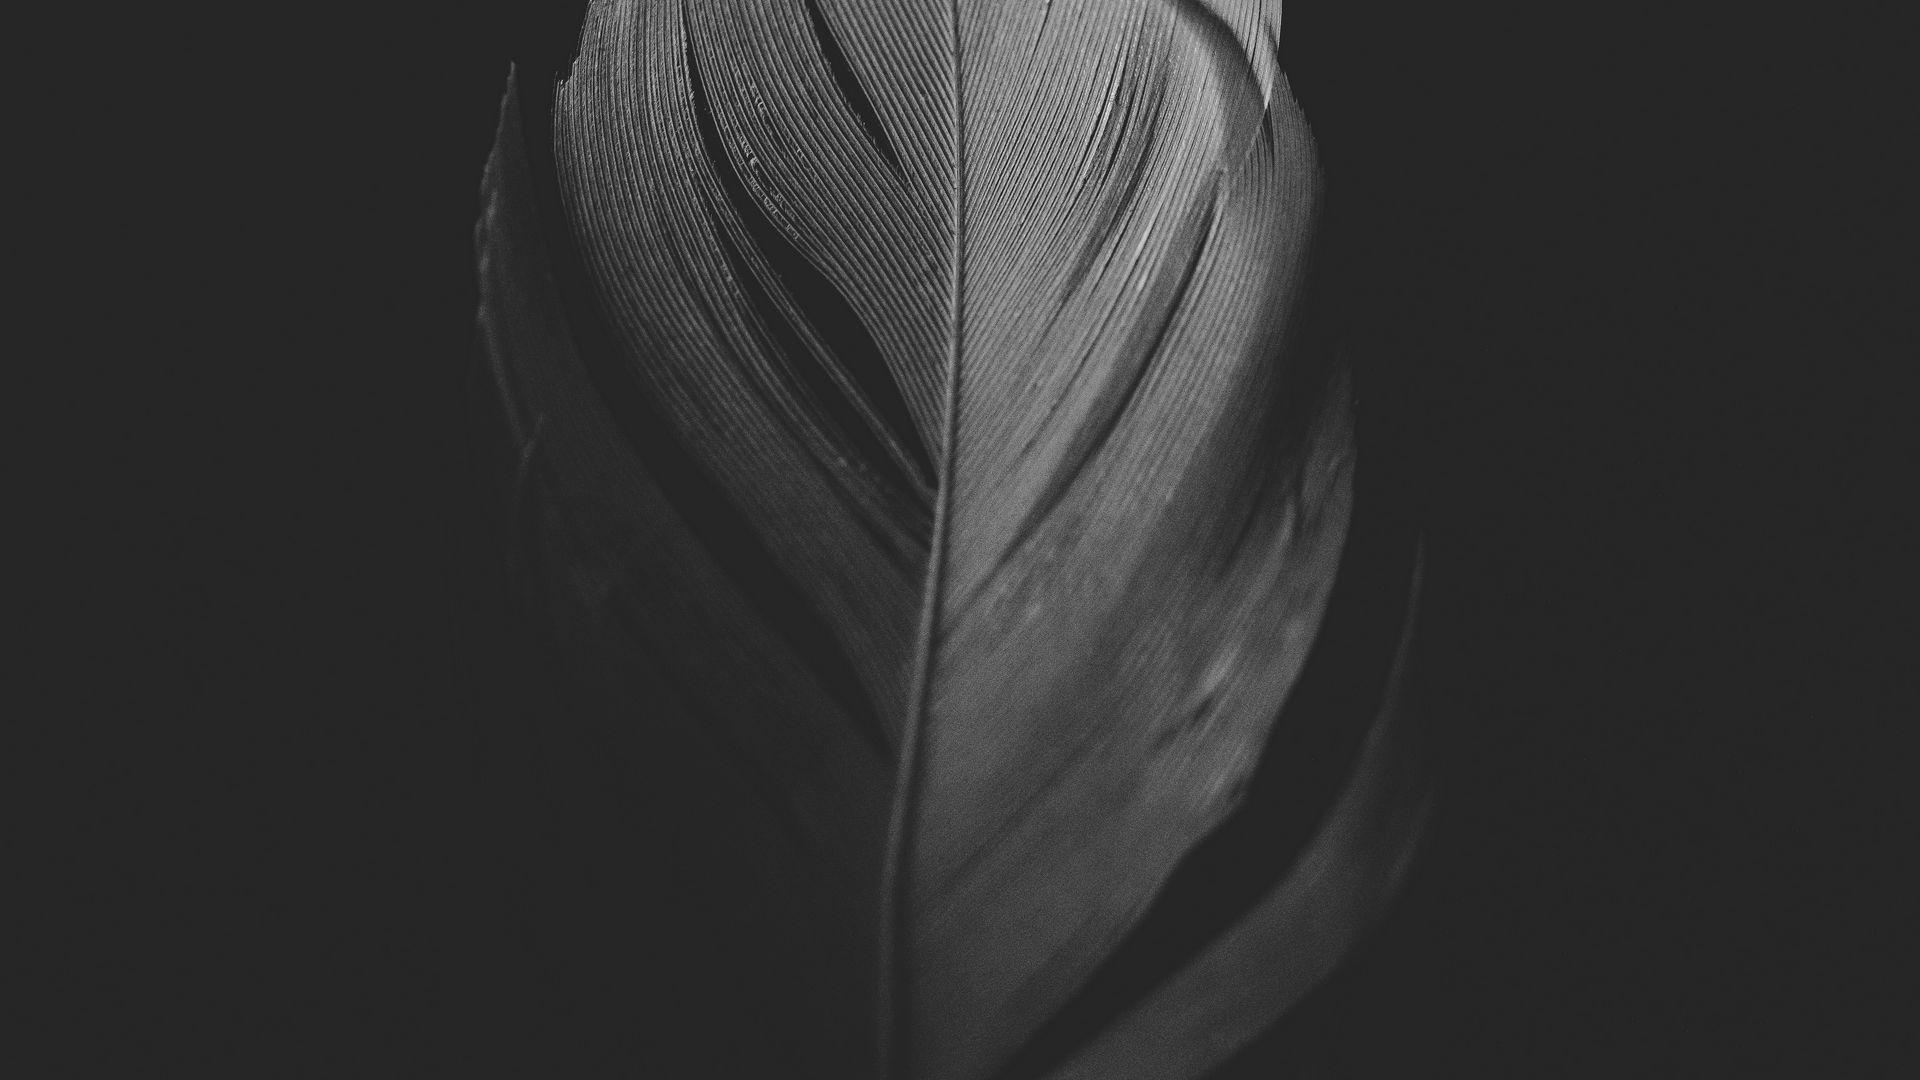 Bird Feather wallpaper for desktop